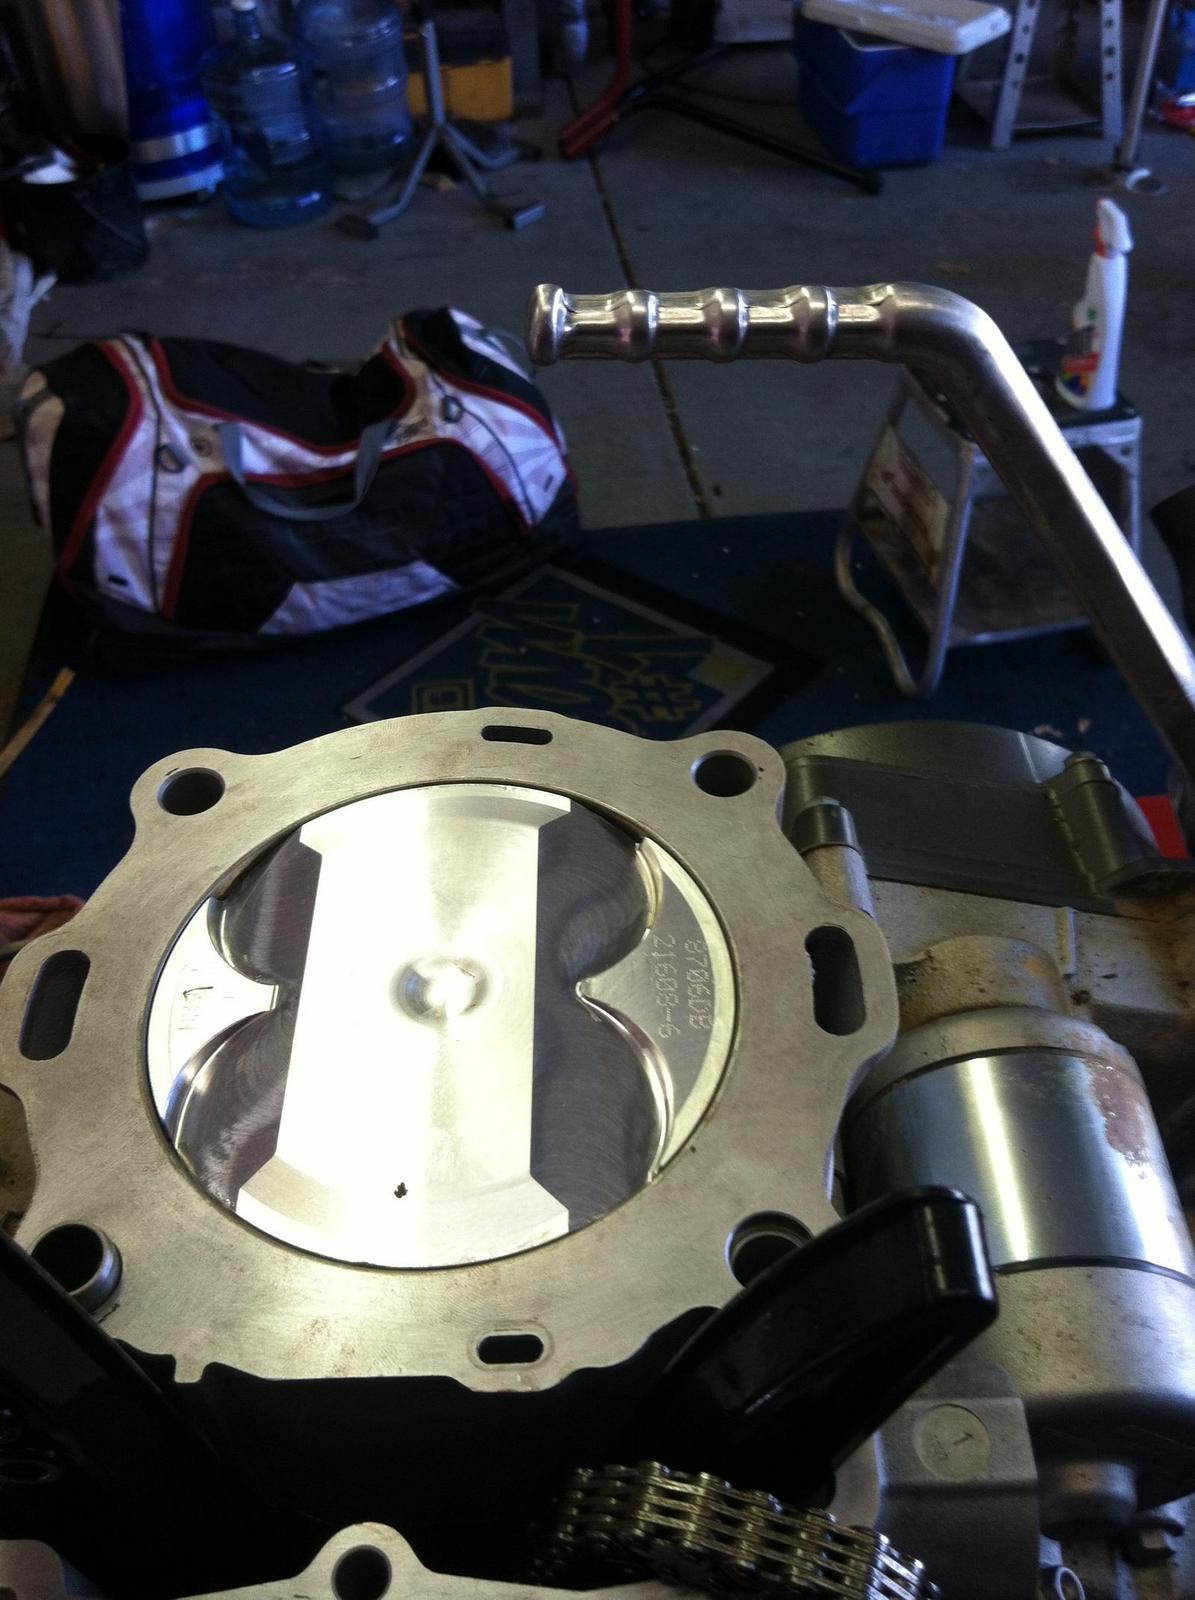 KTM 530 rebuild | South Bay Riders